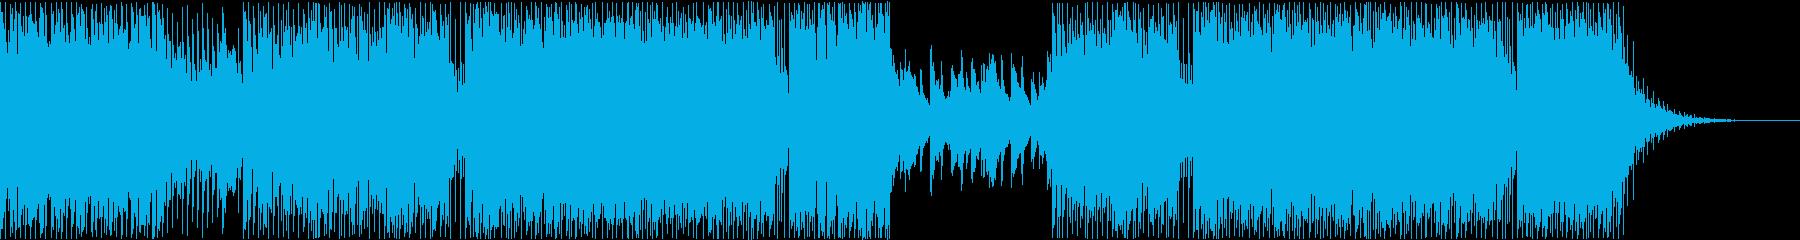 キラキラ/夜景/ギター/シティーポップの再生済みの波形